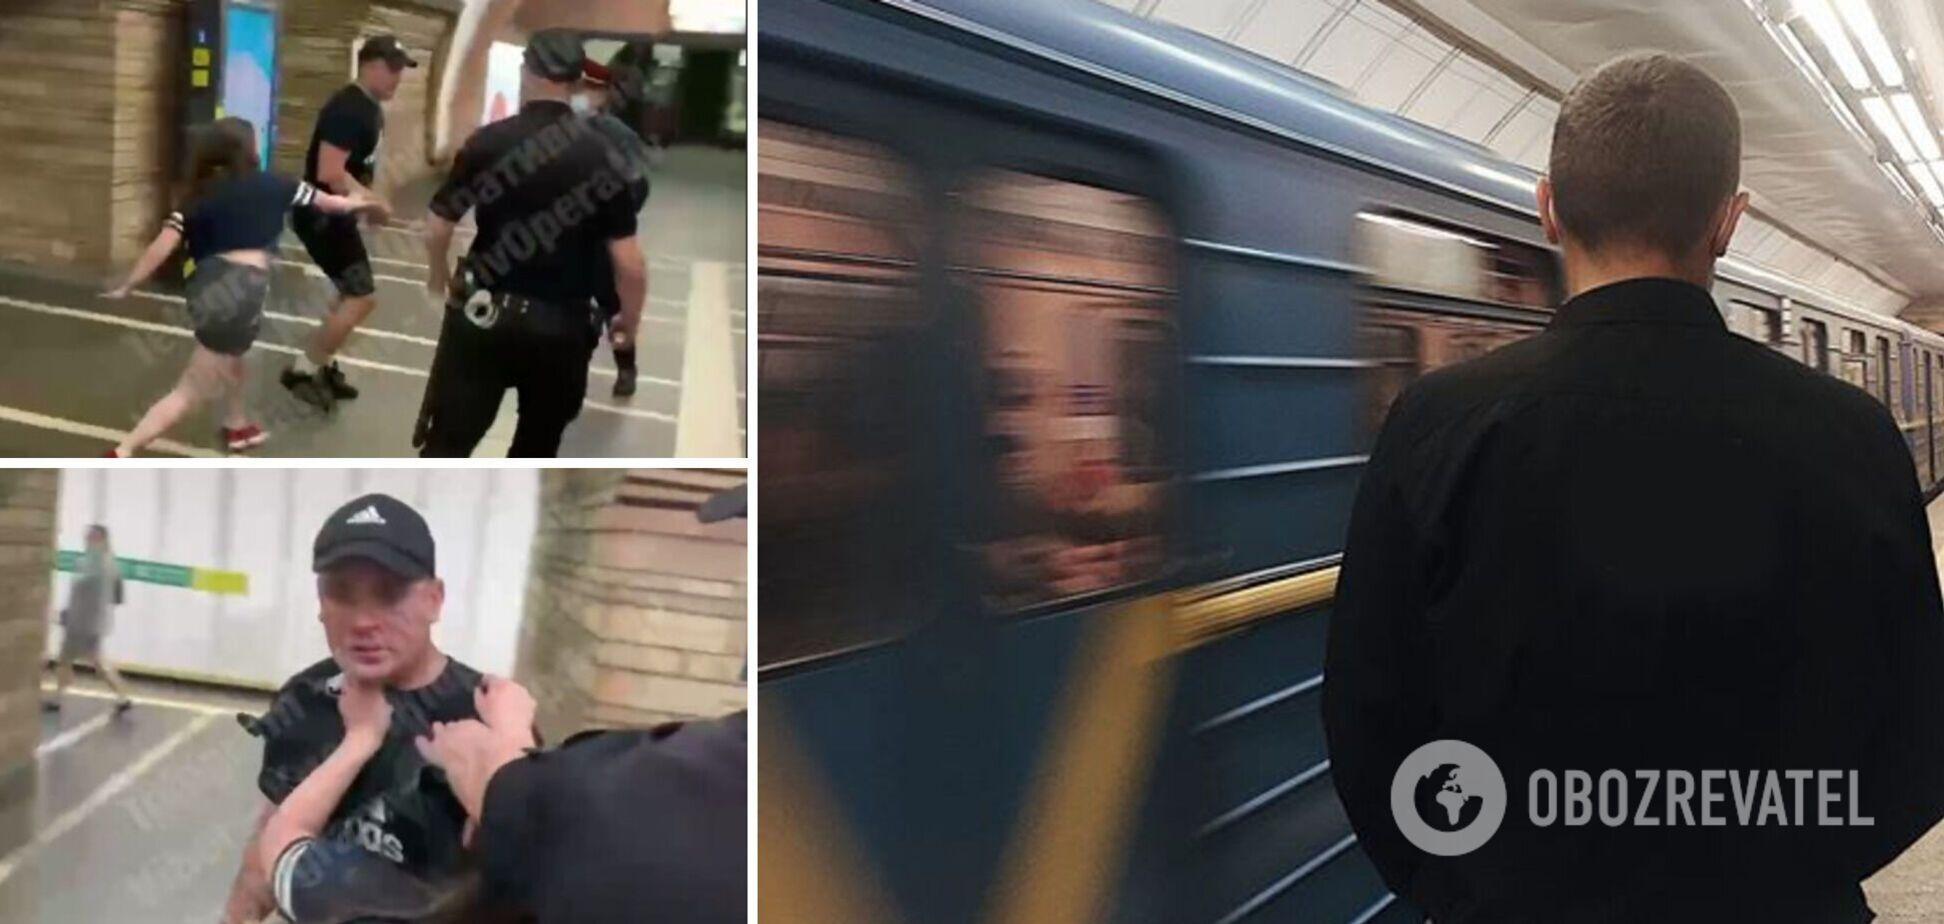 У Києві п'яний молодик накинувся з кулаками на пасажира метро, поліції теж перепало. Відео